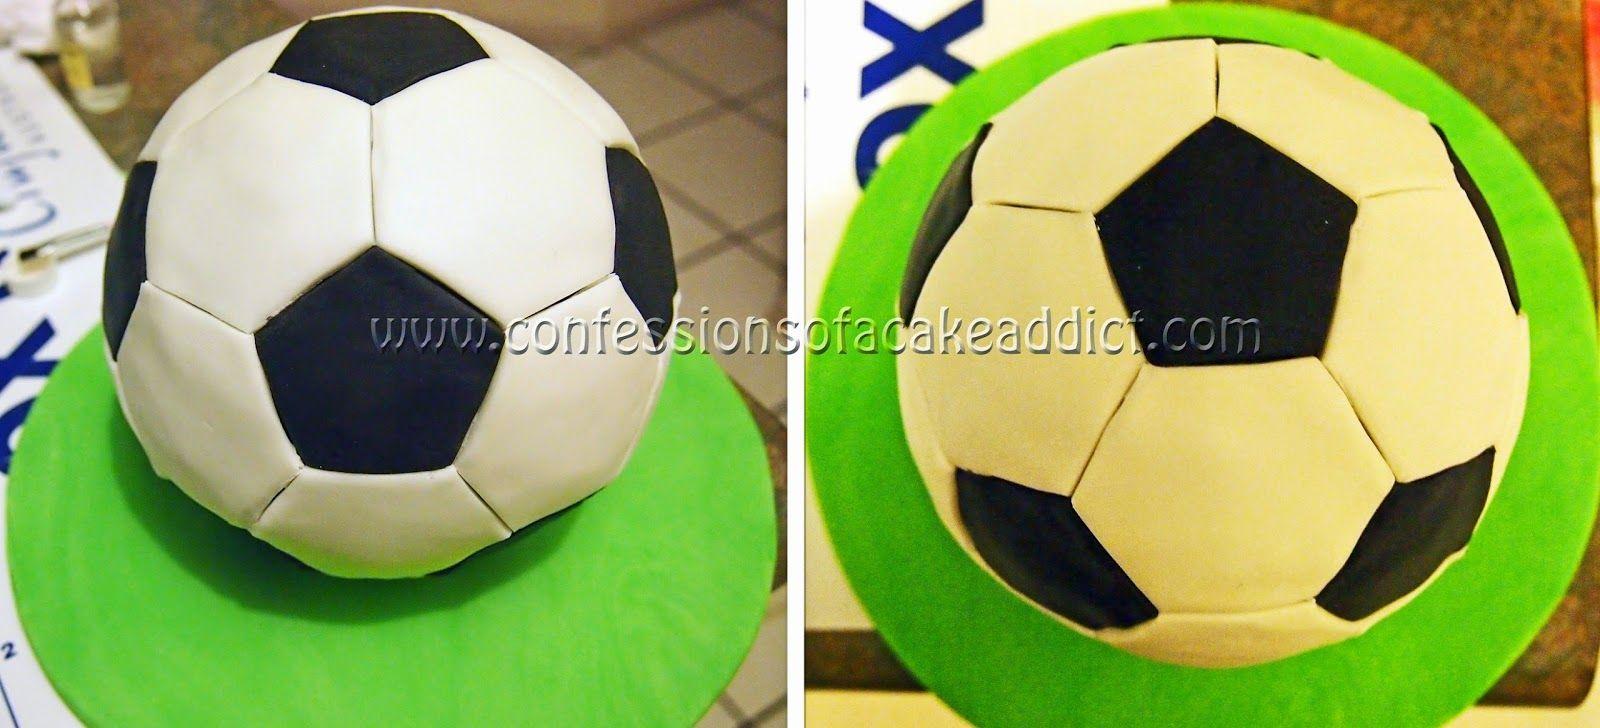 soccer ball cake tutorial | https://lomejordelaweb.es/